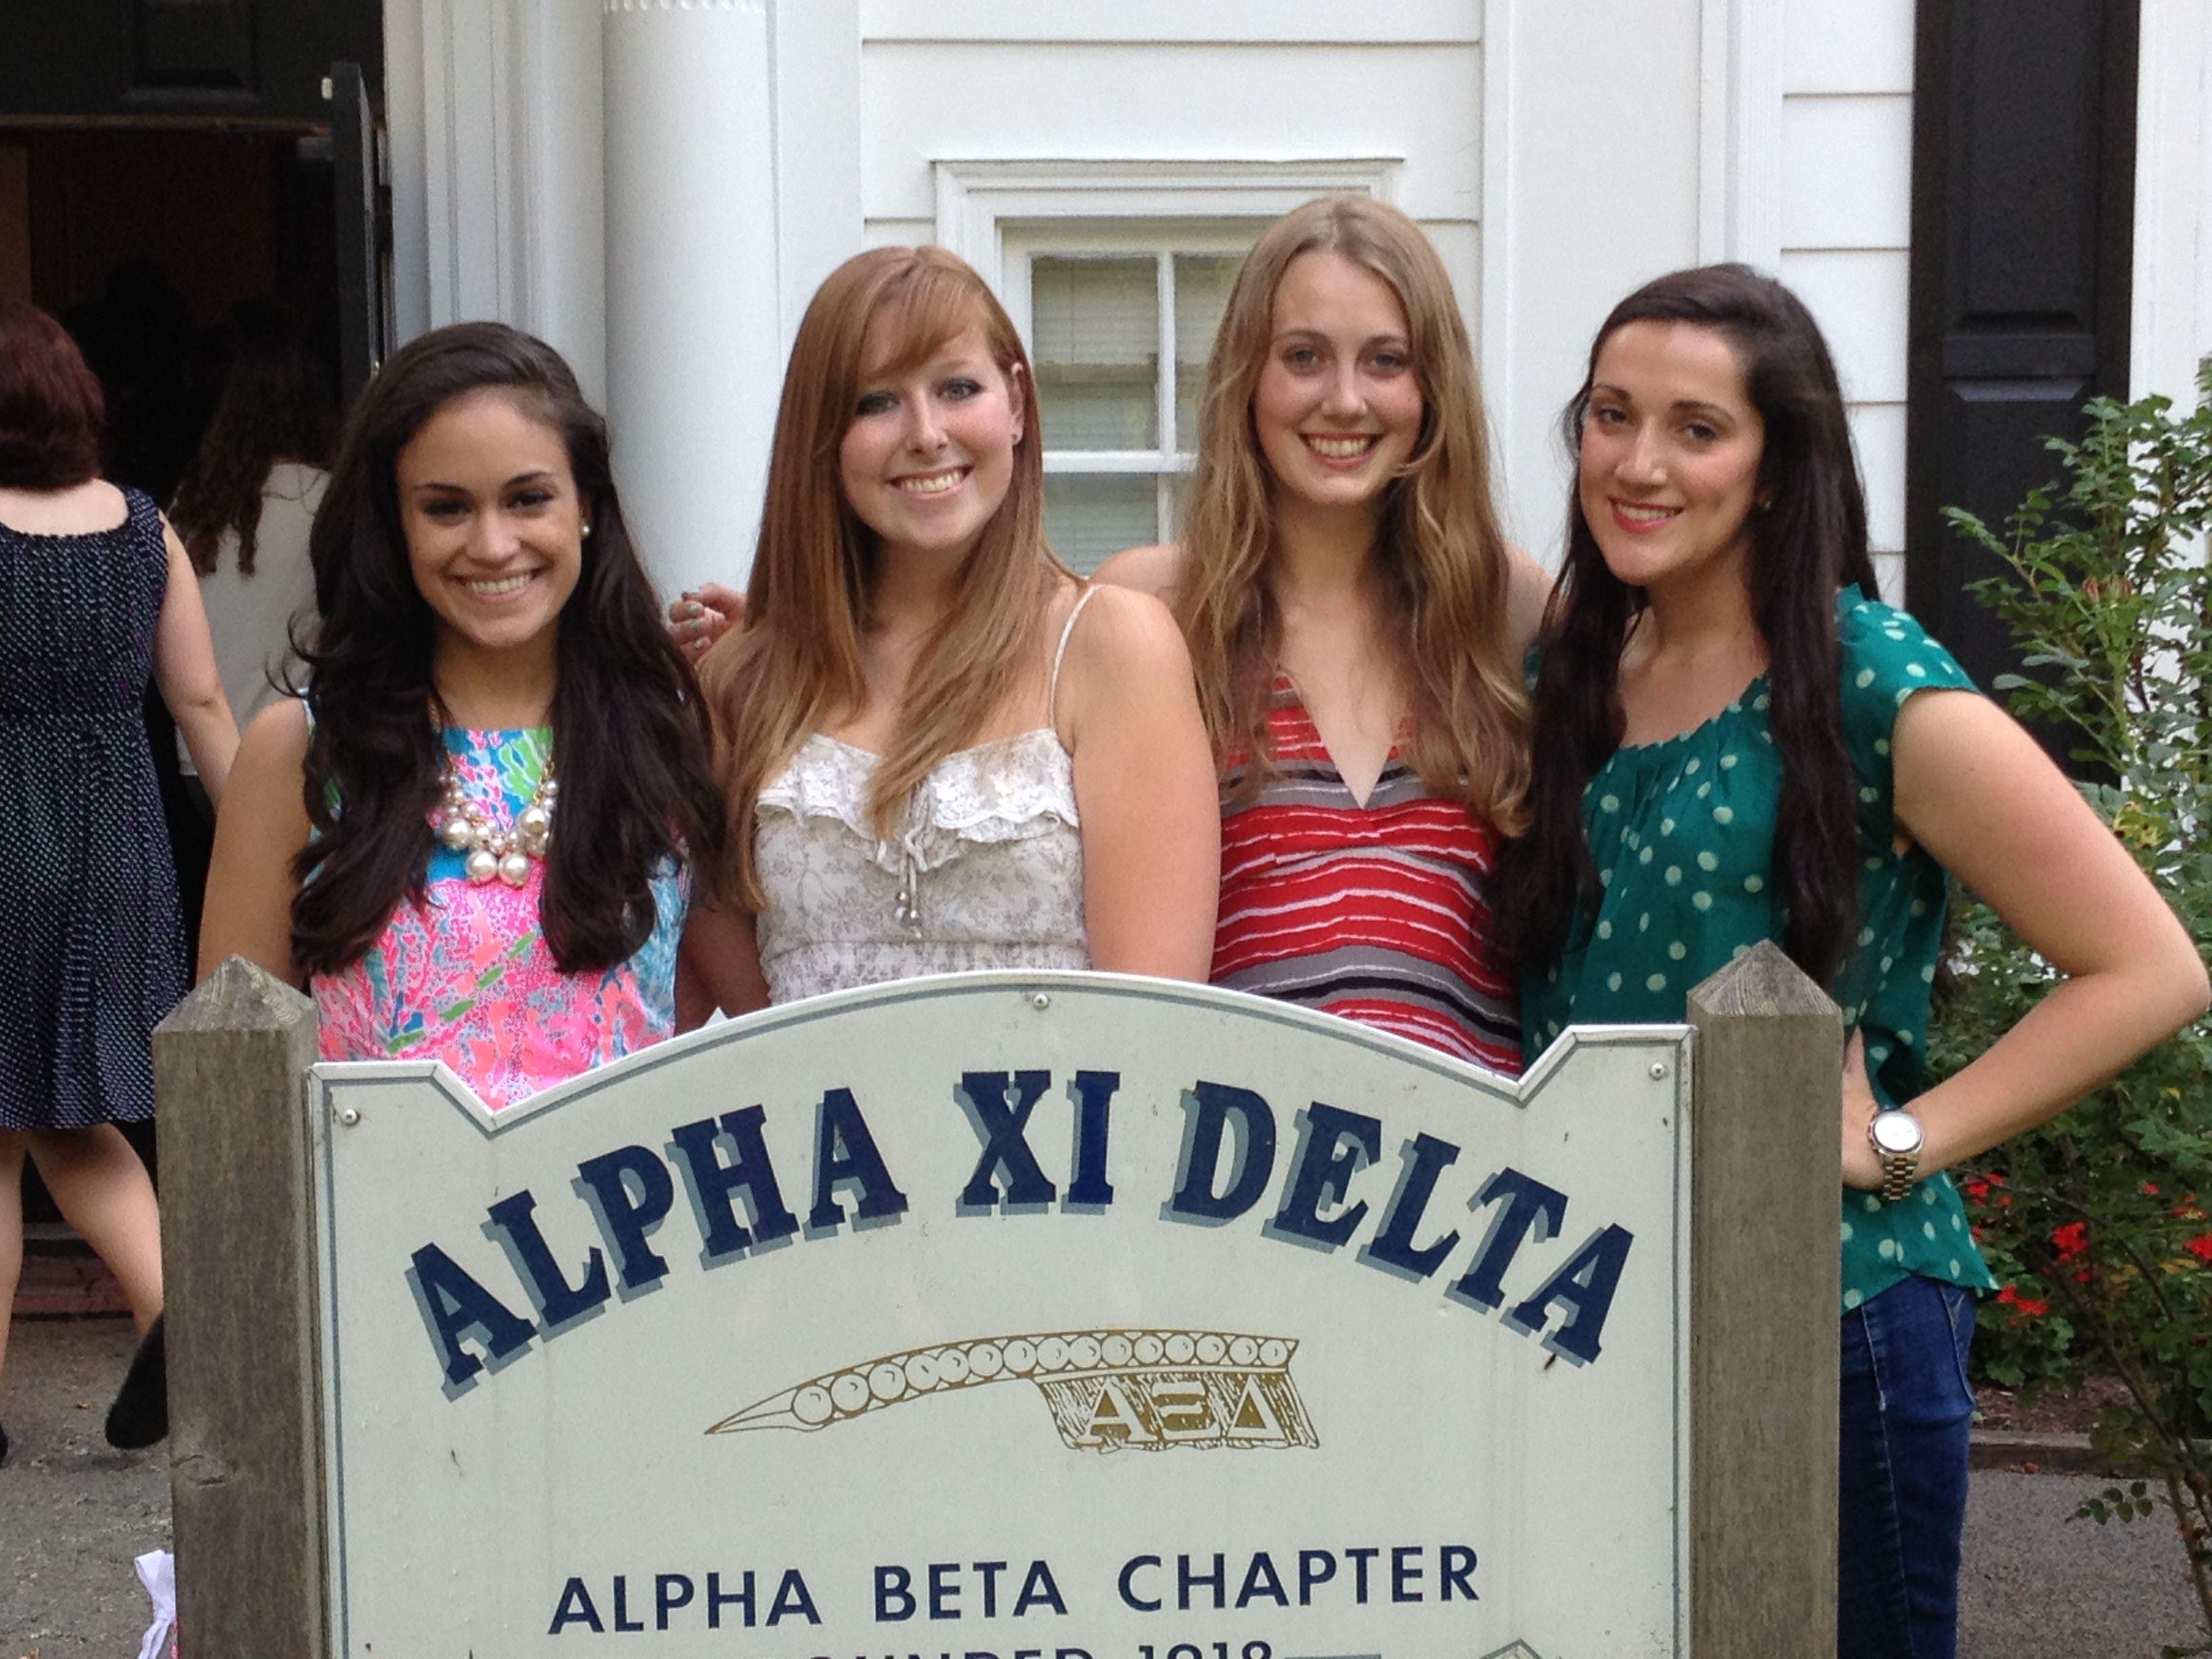 Alpha xi delta lineage love